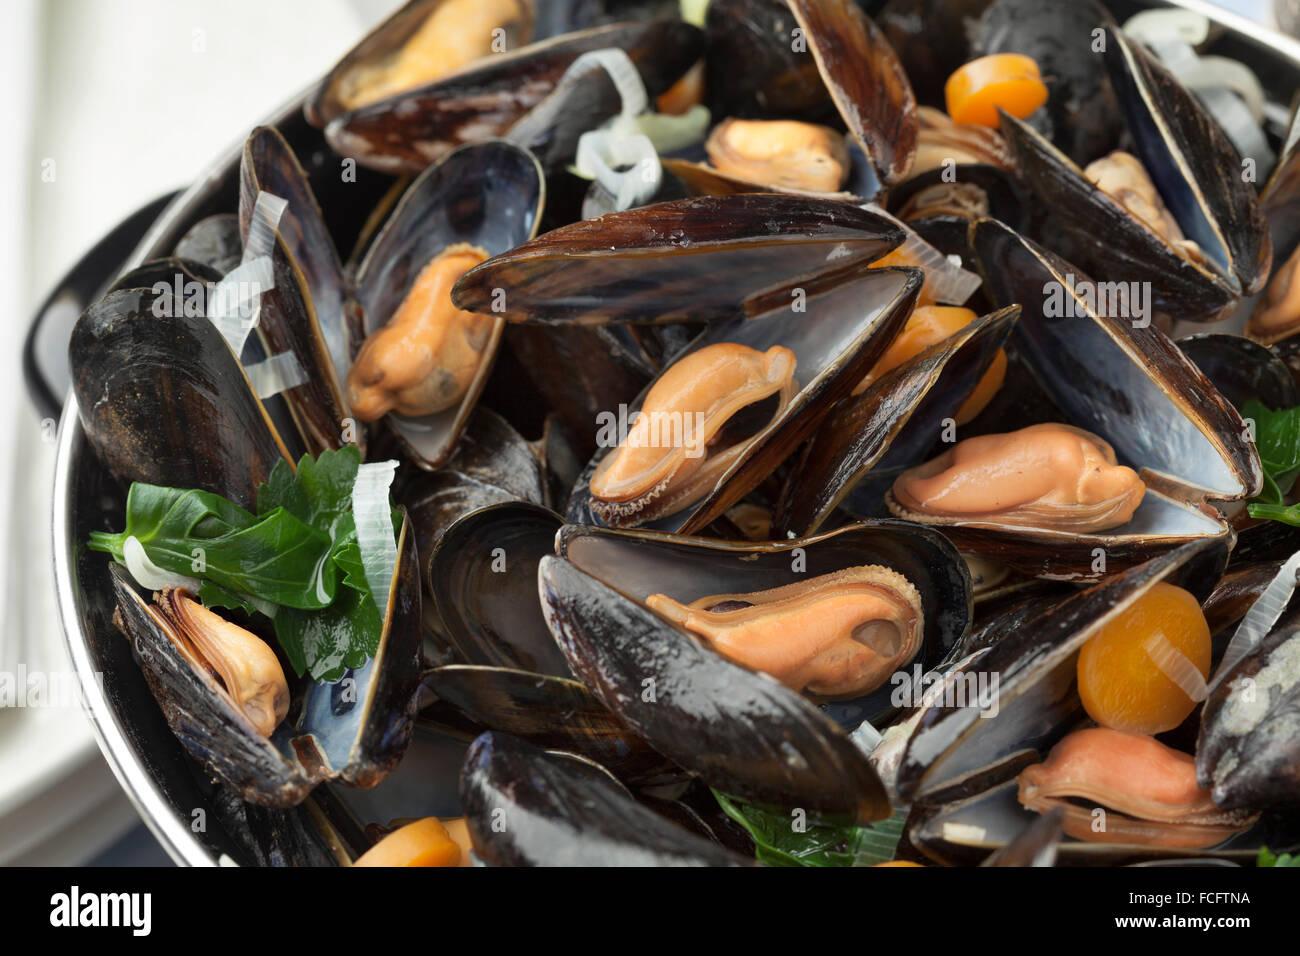 Poêle avec les moules cuites fraîches close up Photo Stock